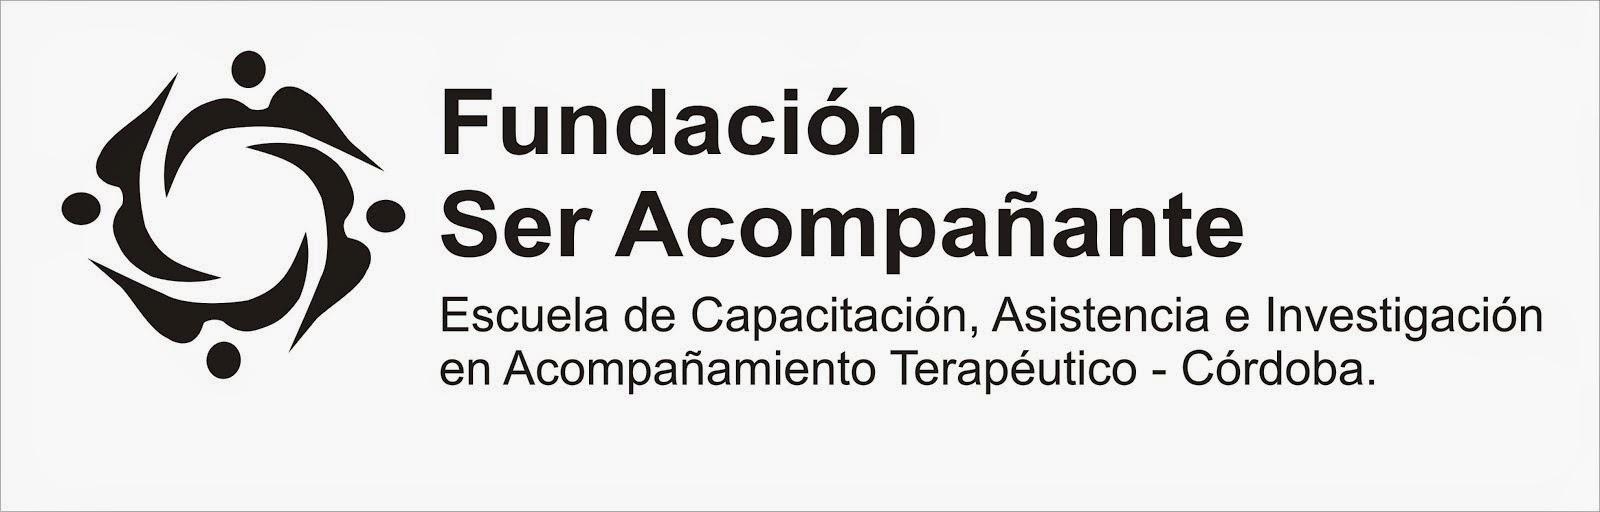 Fundación Ser Acompañante